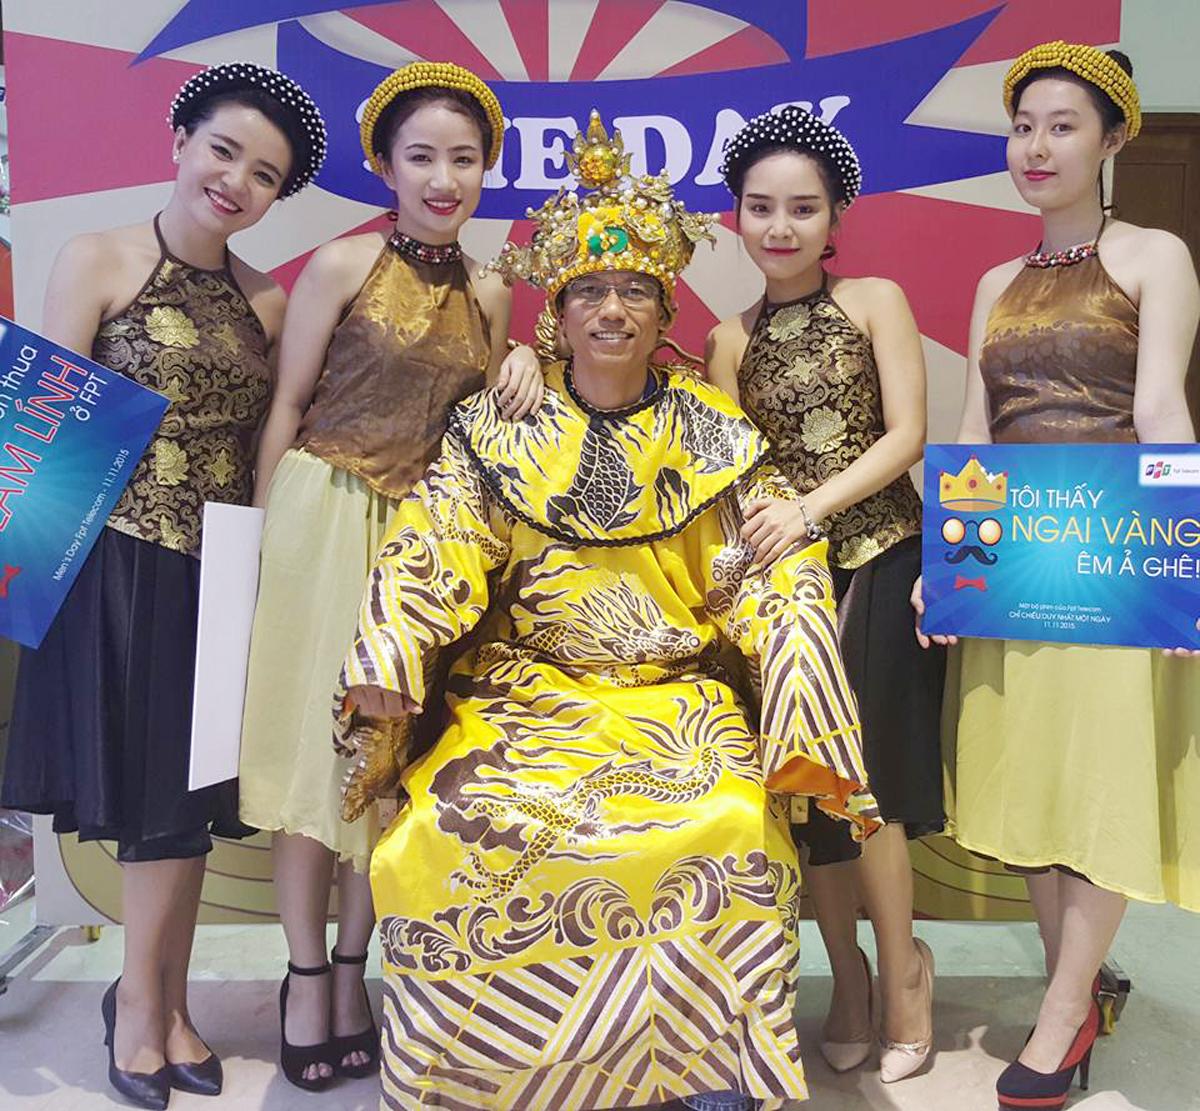 """FPT Telecom HCM tổ chức buổi lễ tôn vinh tập trung vào chiều tối ngày 11/11 tại căng-tin tòa nhà FPT Tân Thuận. Với chủ đề """"King of the day - Một ngày làm vua"""", mỗi nam nhân được khoác lên mình """"hoàng bào"""", đội vương miện và chụp hình cùng các chân dài xinh đẹp. Trước đó, buổi sáng cùng ngày, các phòng ban, trung tâm trực thuộc FPT Telecom HCM cũng đã tự tổ chức các hoạt động tôn vinh riêng lẻ tại đơn vị mình. Ảnh: FB."""